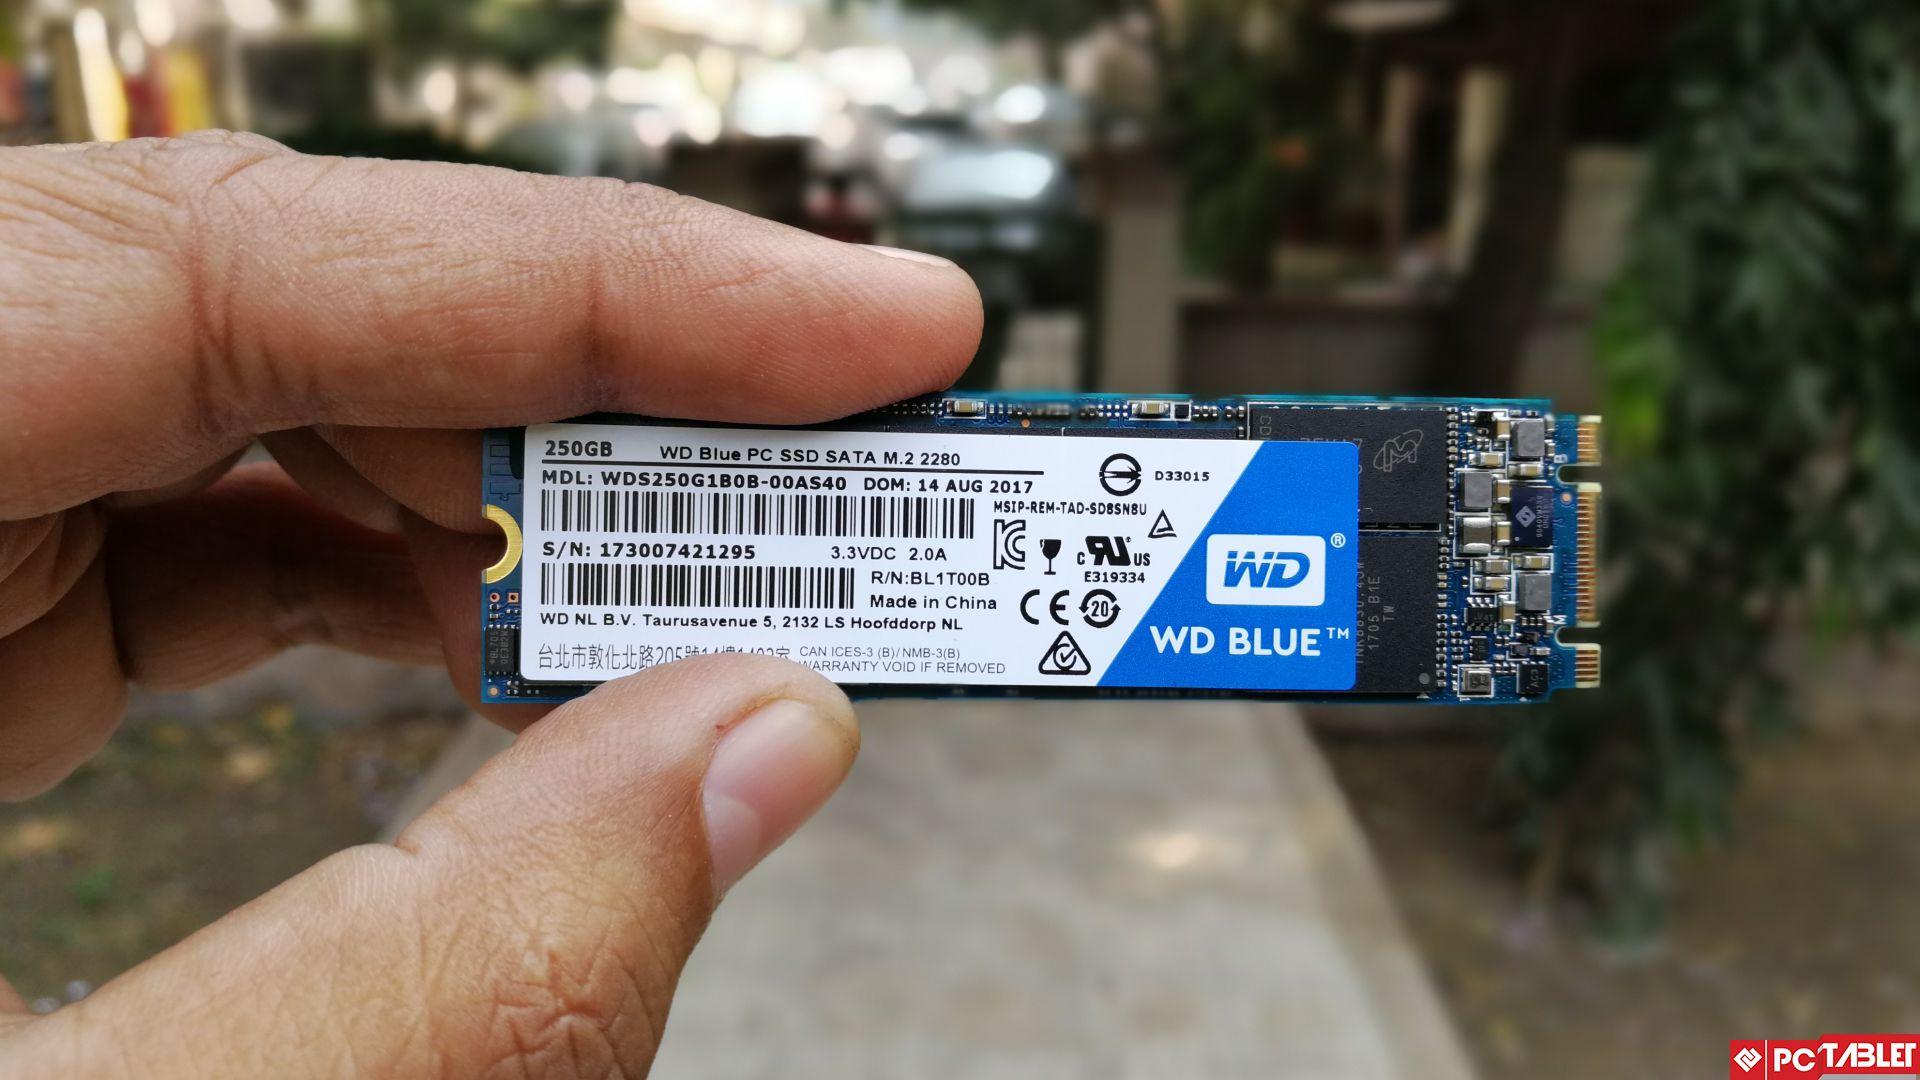 WD Blue PC SSD